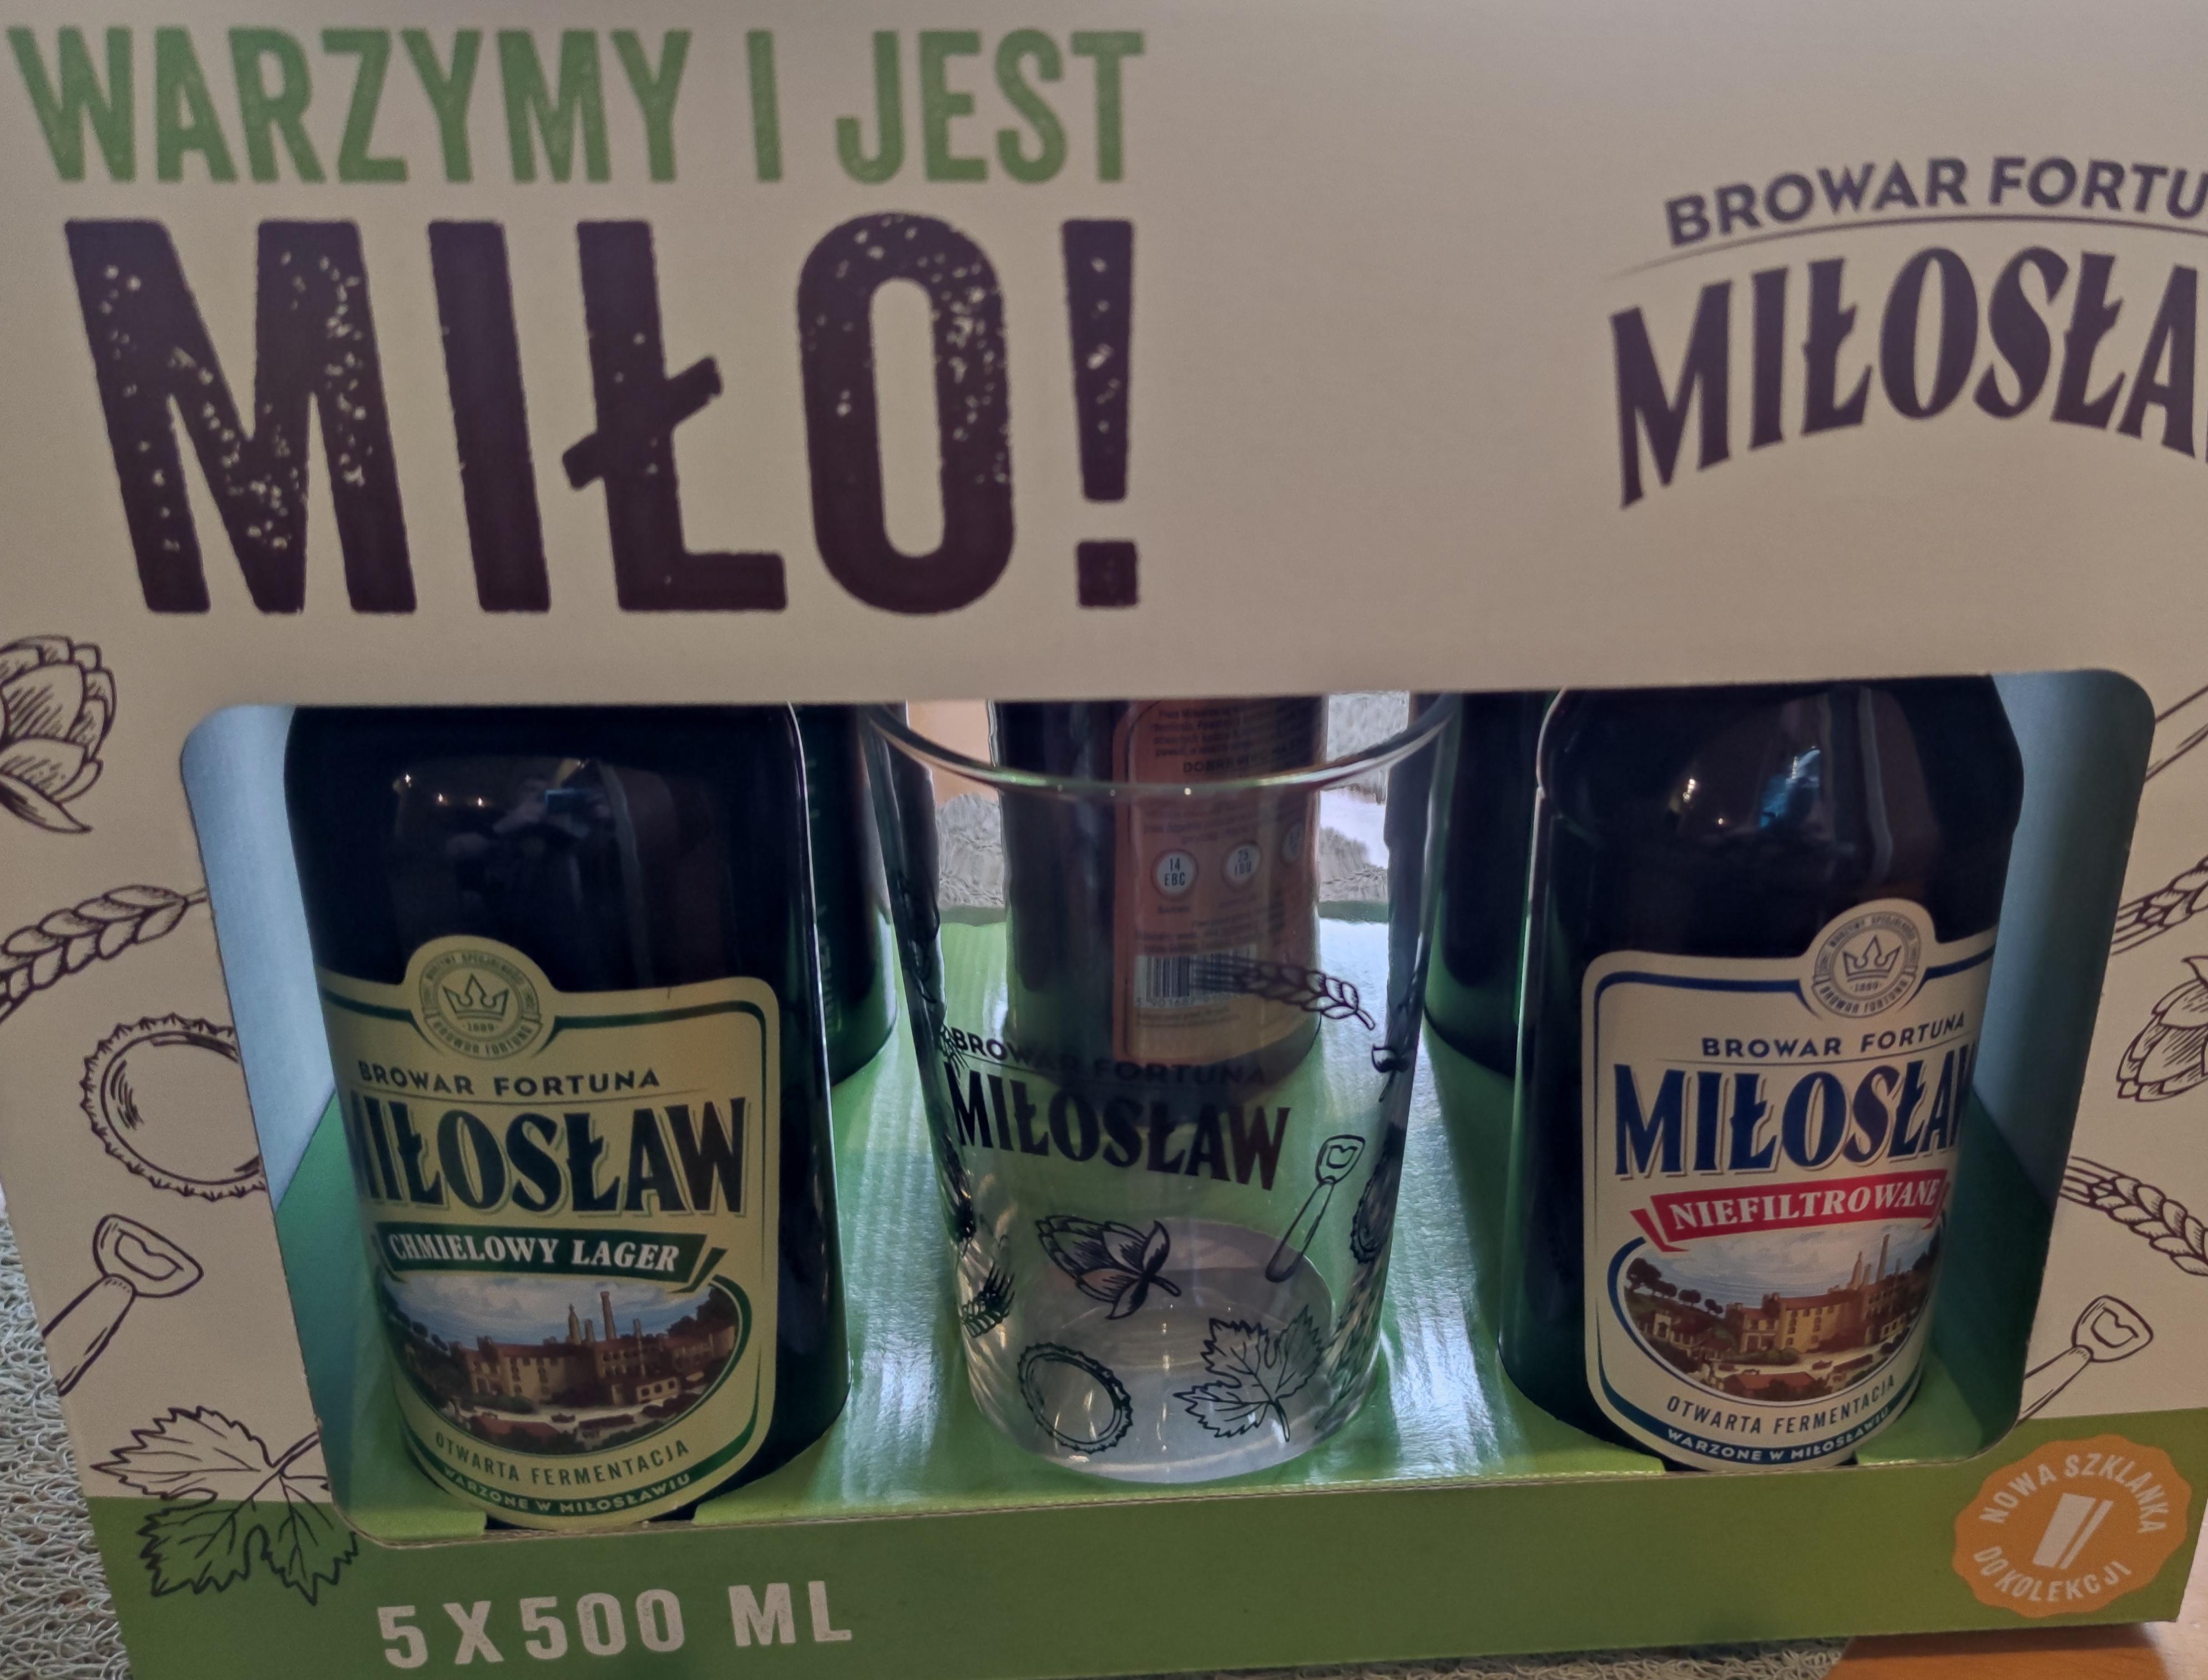 Piwo Miłosław 5 szt. + Szklanka Auchan Tychy